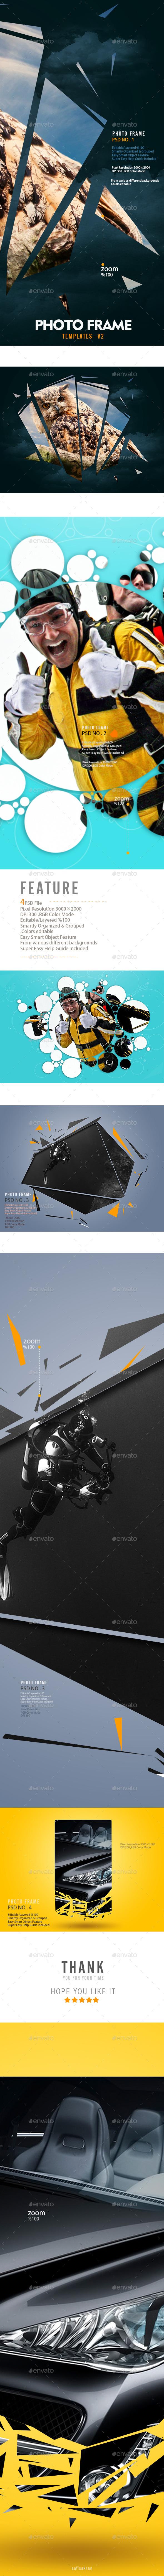 GraphicRiver Photo Frame Template v2 10976907